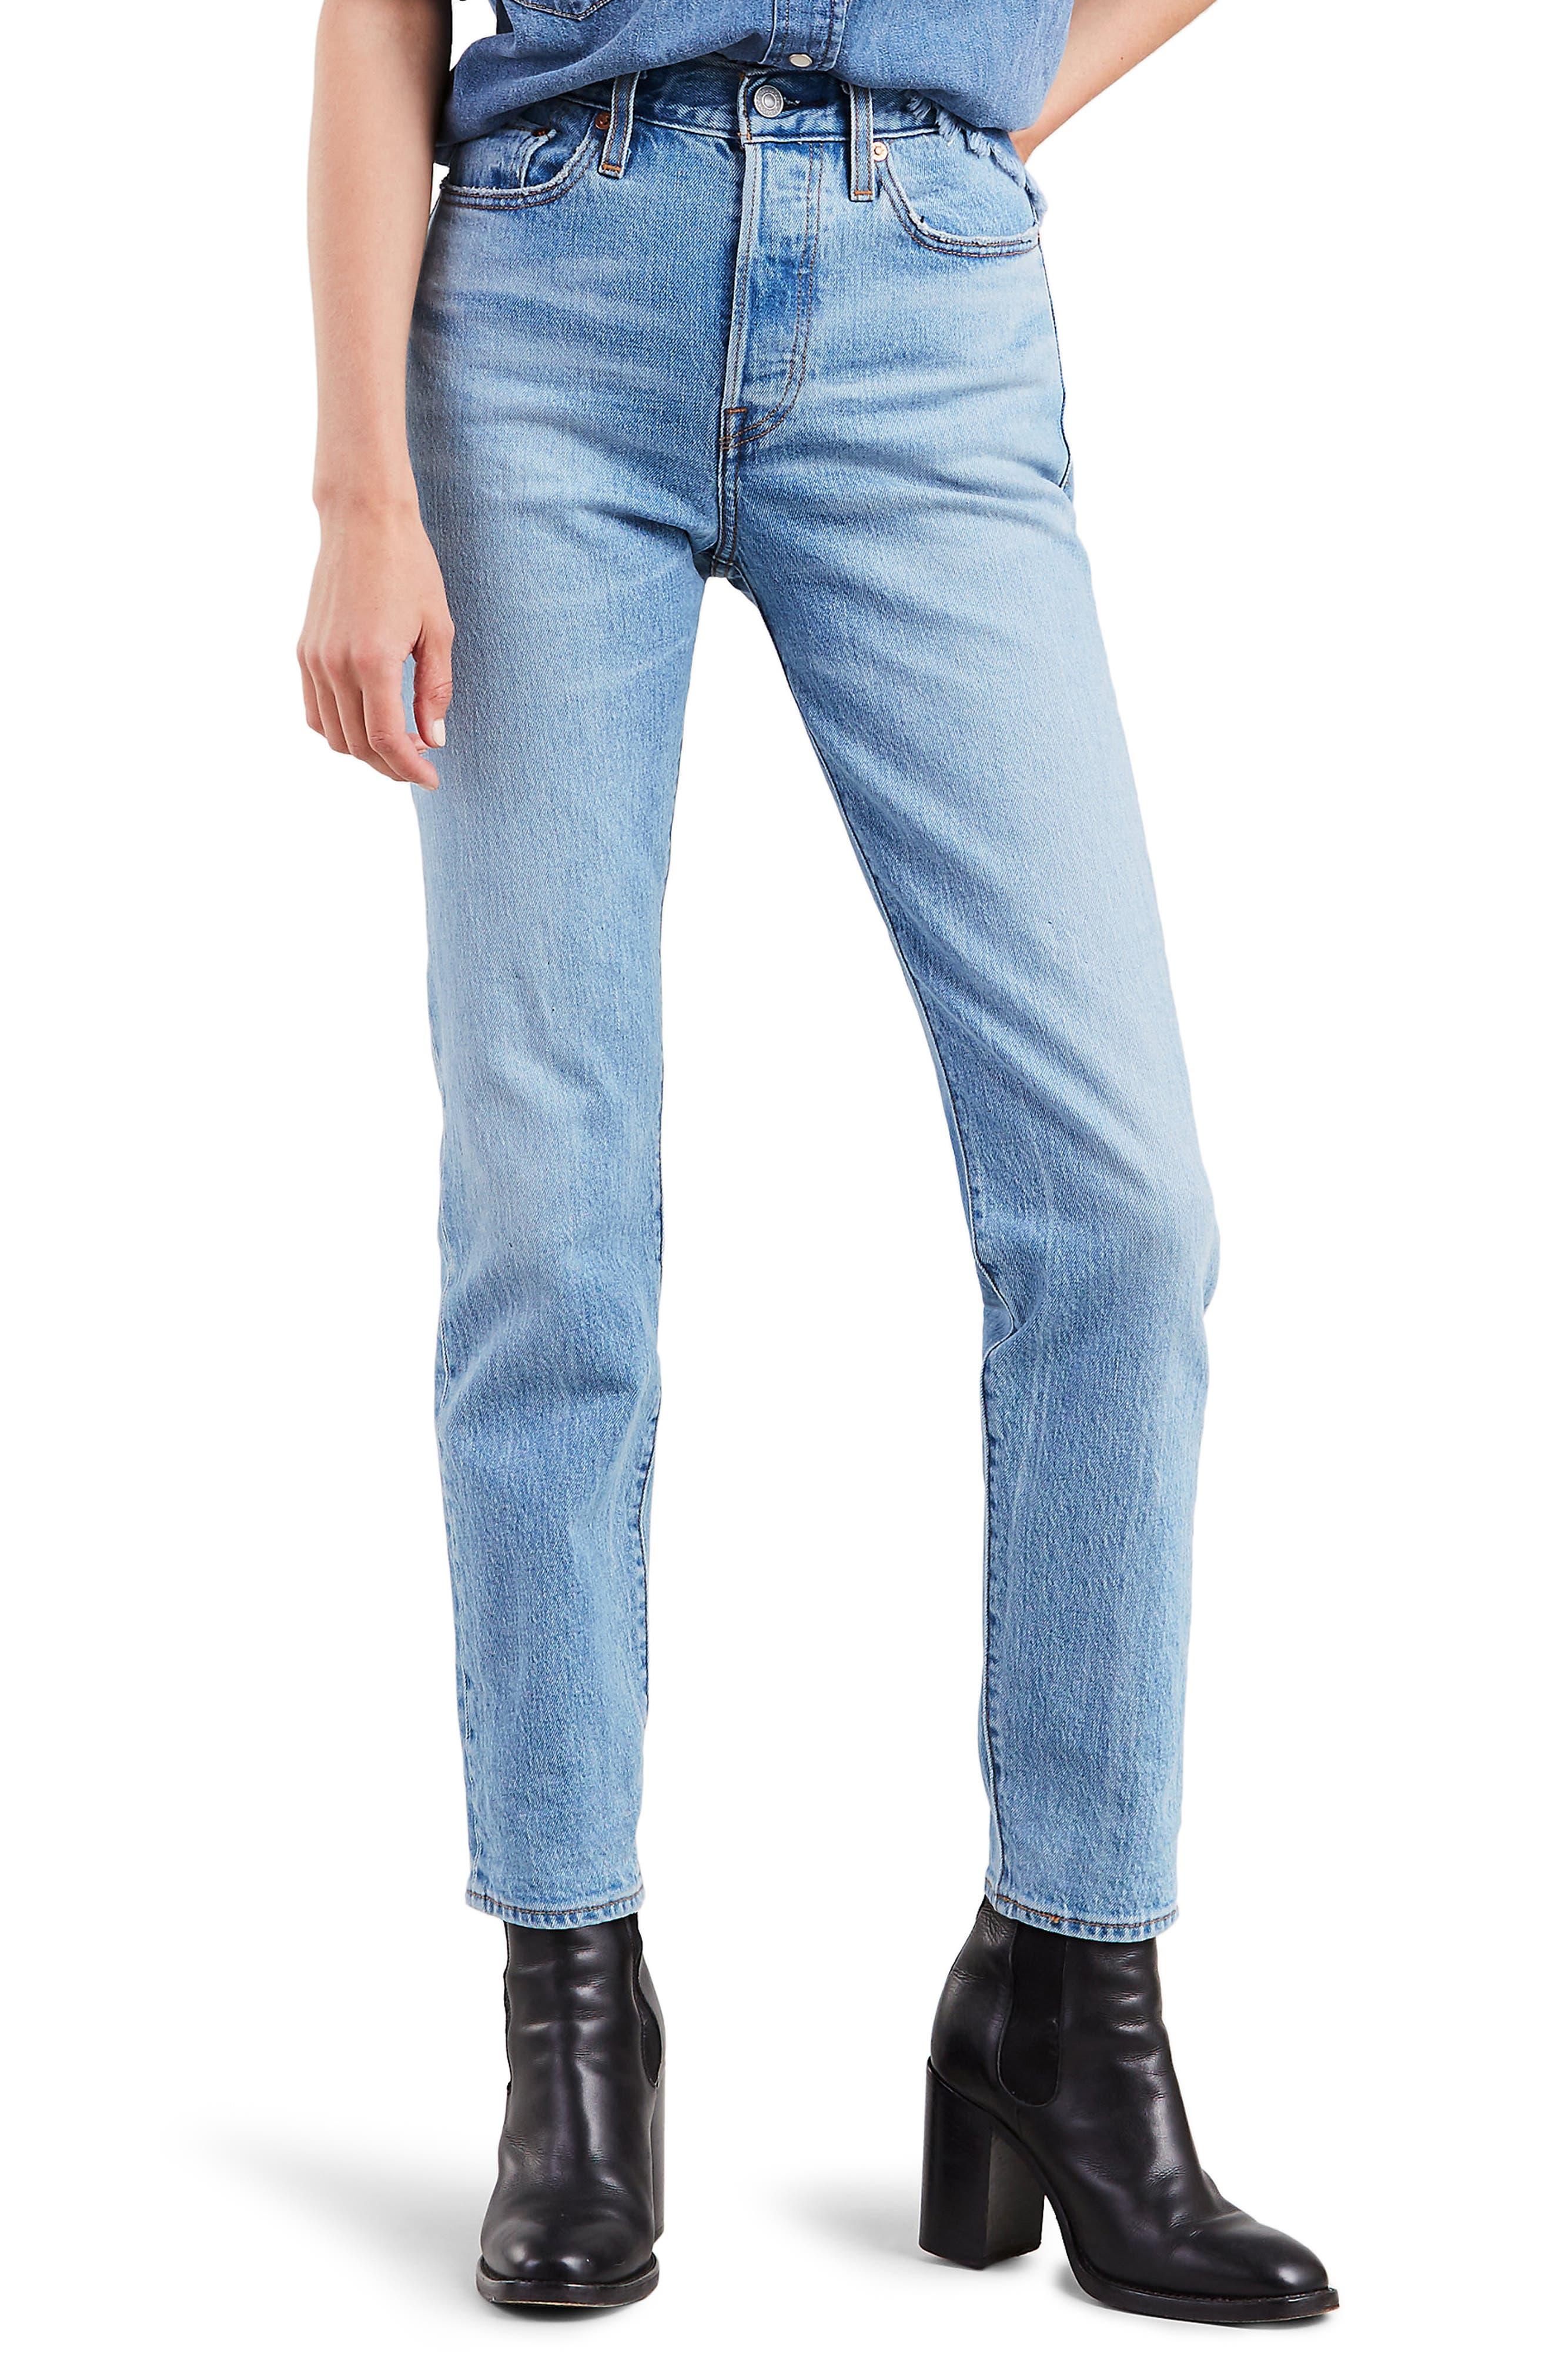 Levi's Jeansamp; ClothingNordstrom Levi's Levi's ClothingNordstrom Levi's Jeansamp; ClothingNordstrom Jeansamp; Jeansamp; W9I2YDHE